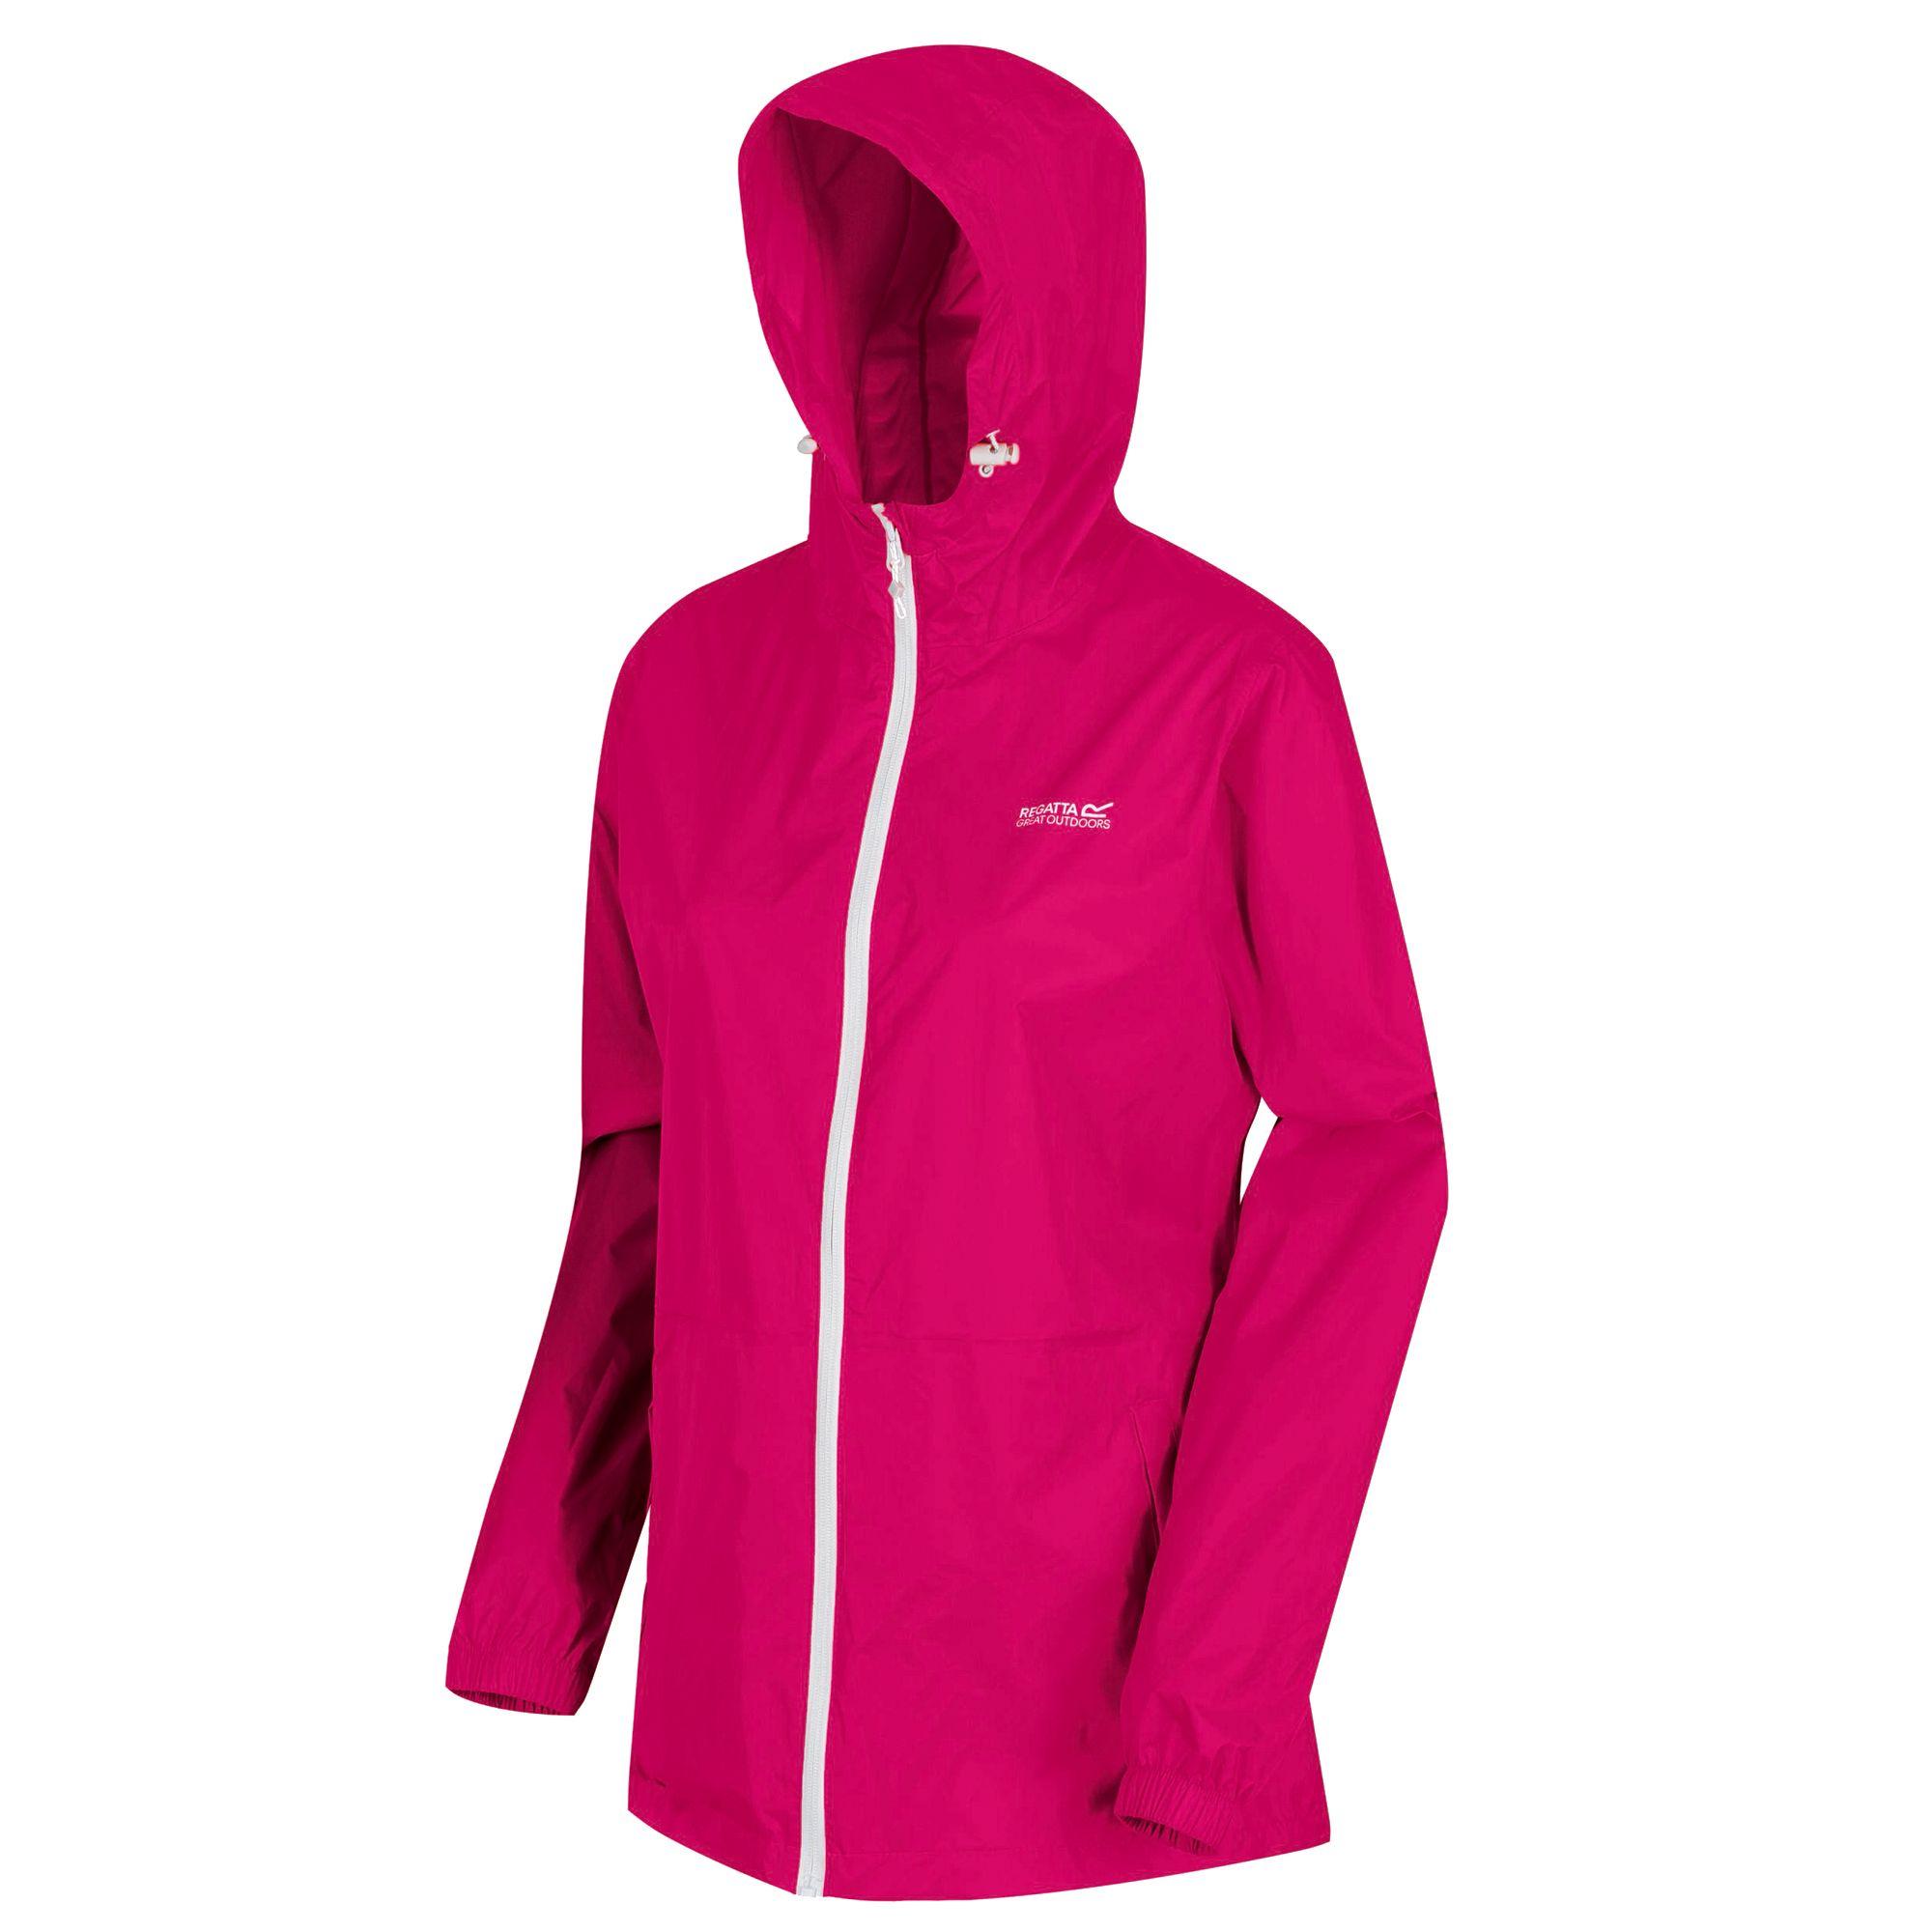 Regatta Womens/Ladies Pk It Jkt III Waterproof Hooded Jacket